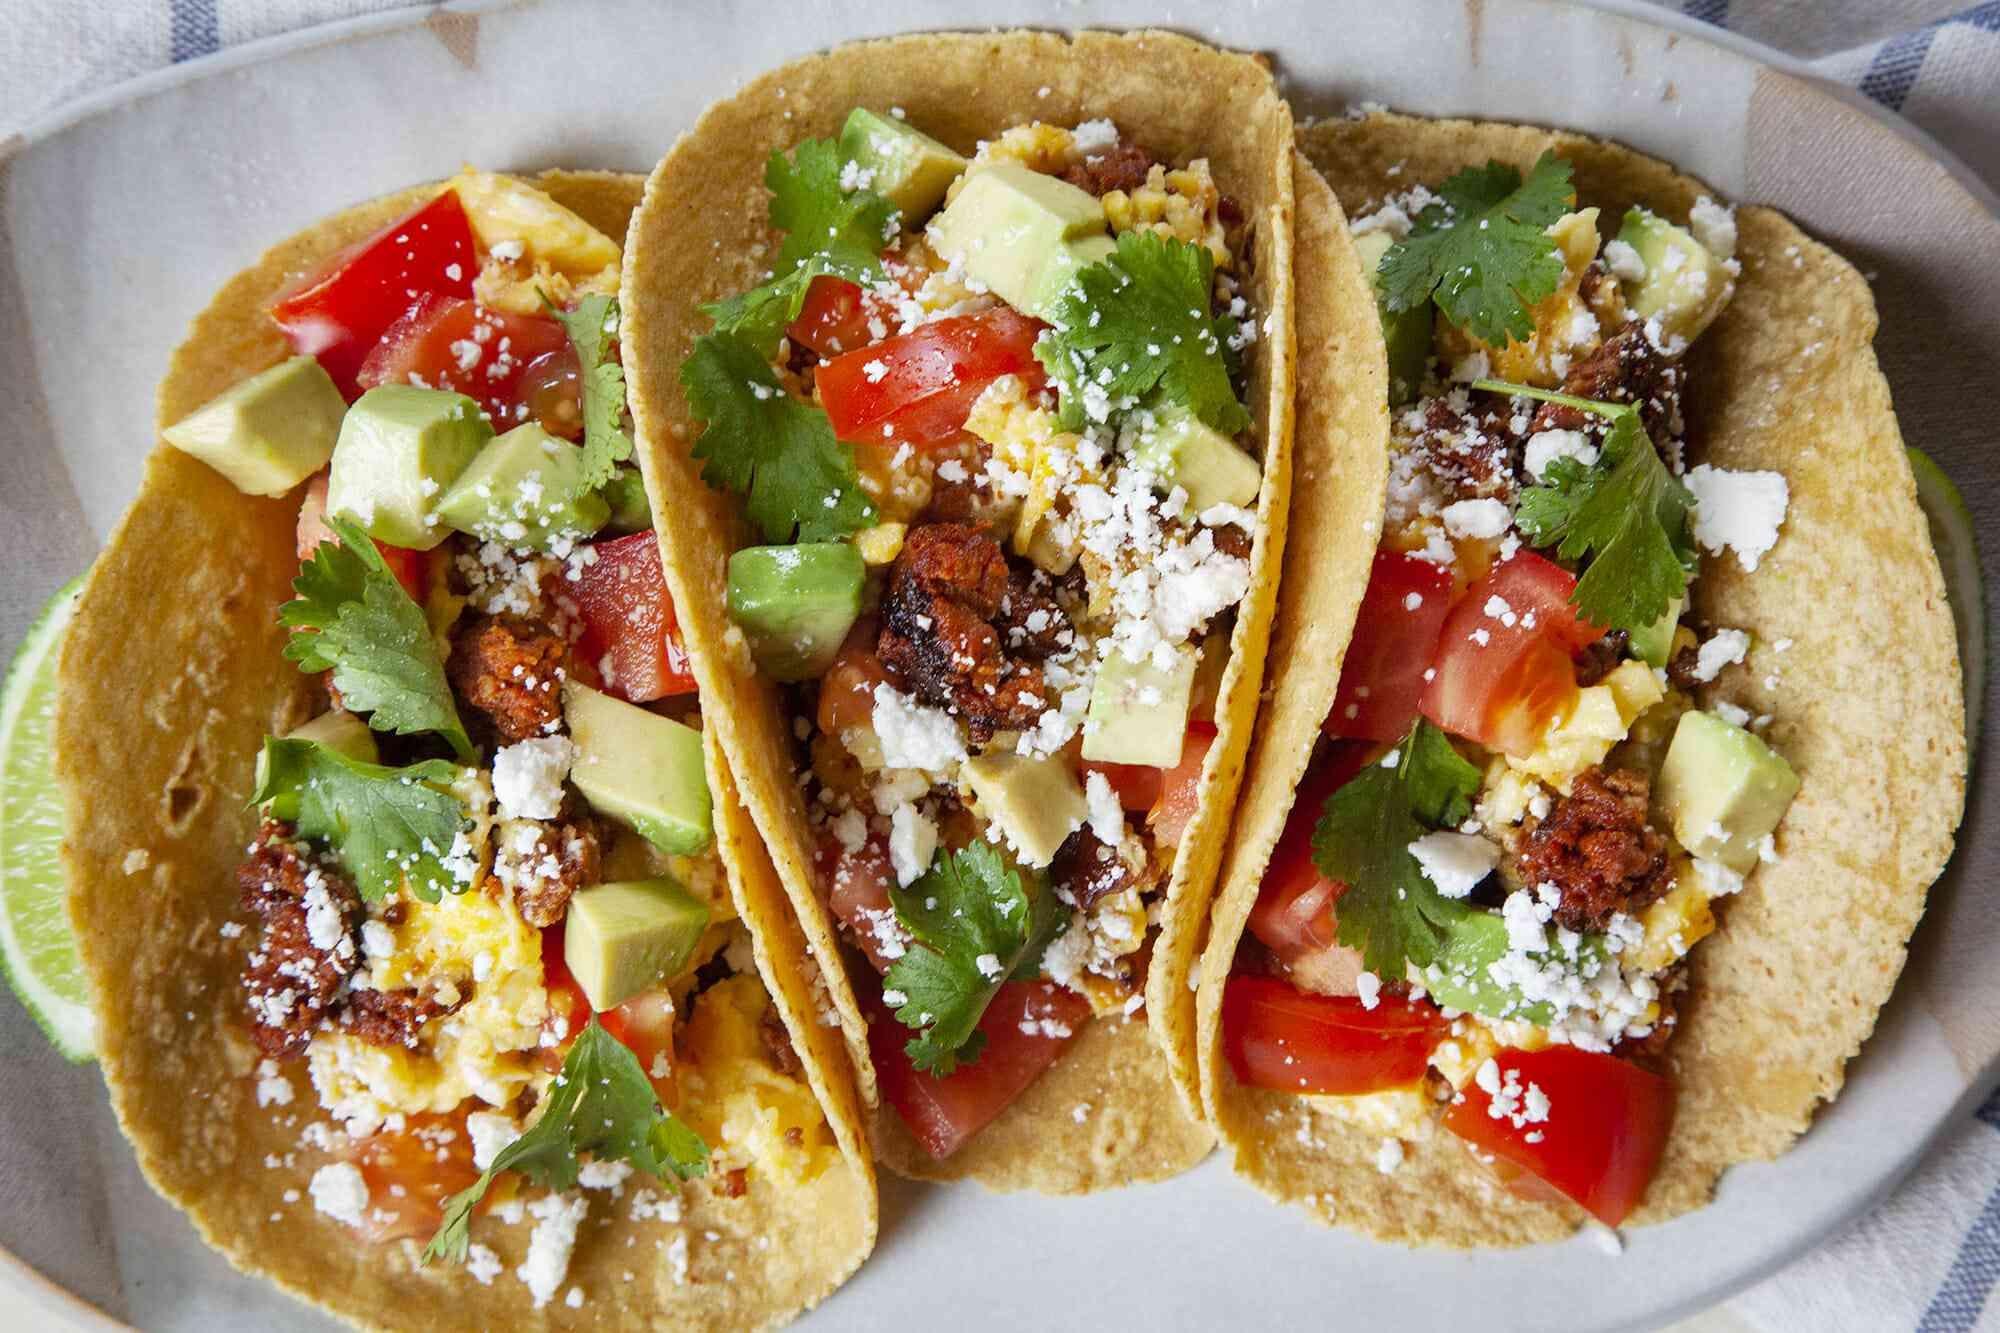 Breakfast Taco Recipe with Chorizo and Eggs